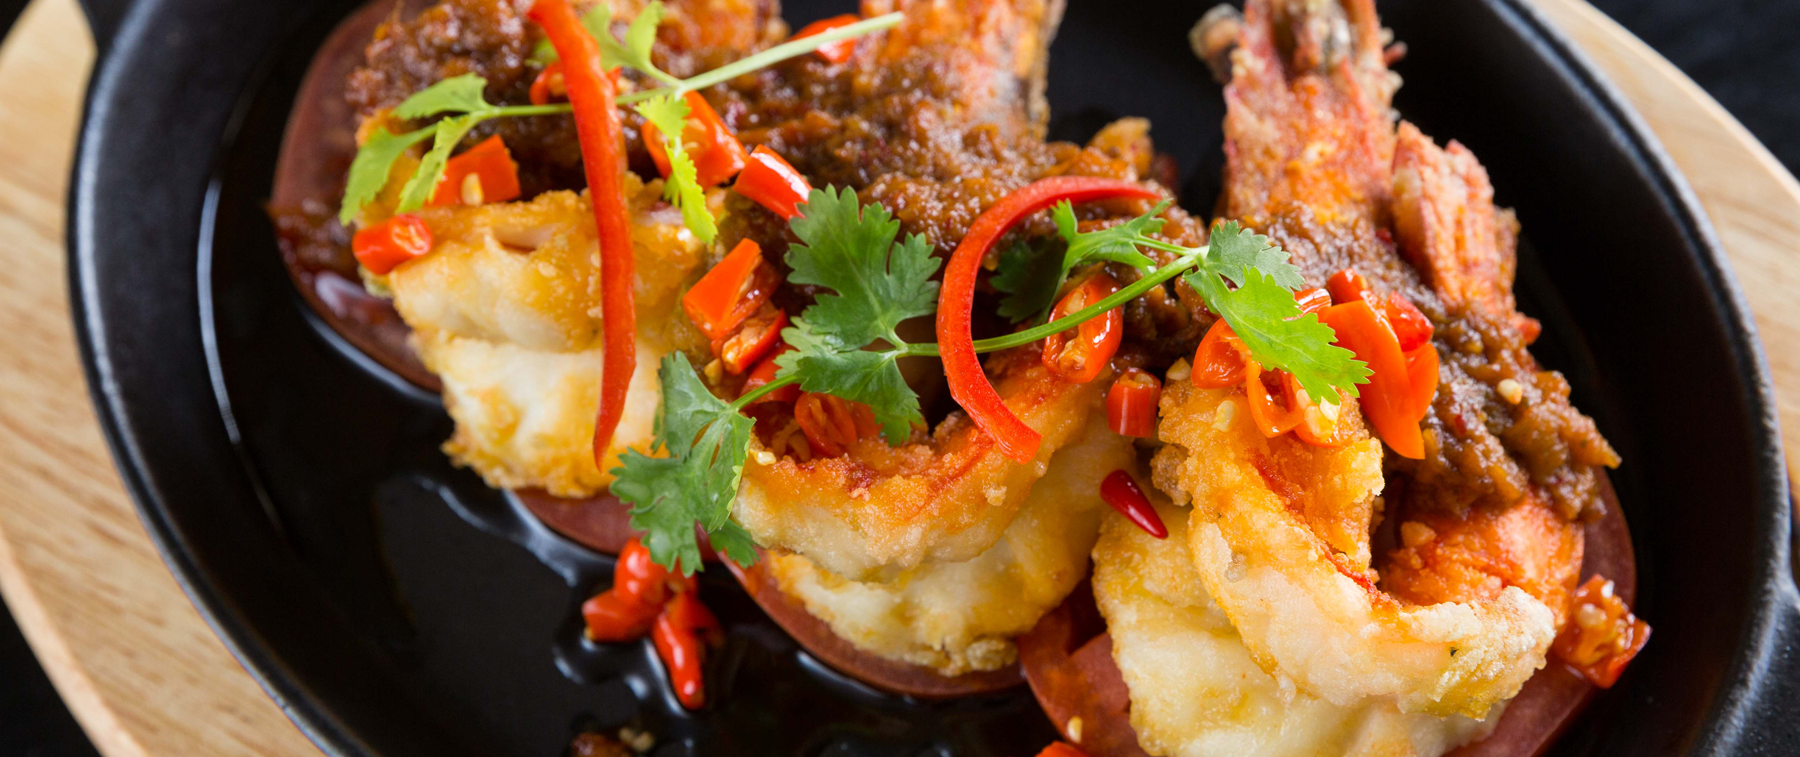 jumbo prawns in garlic and chili sauce